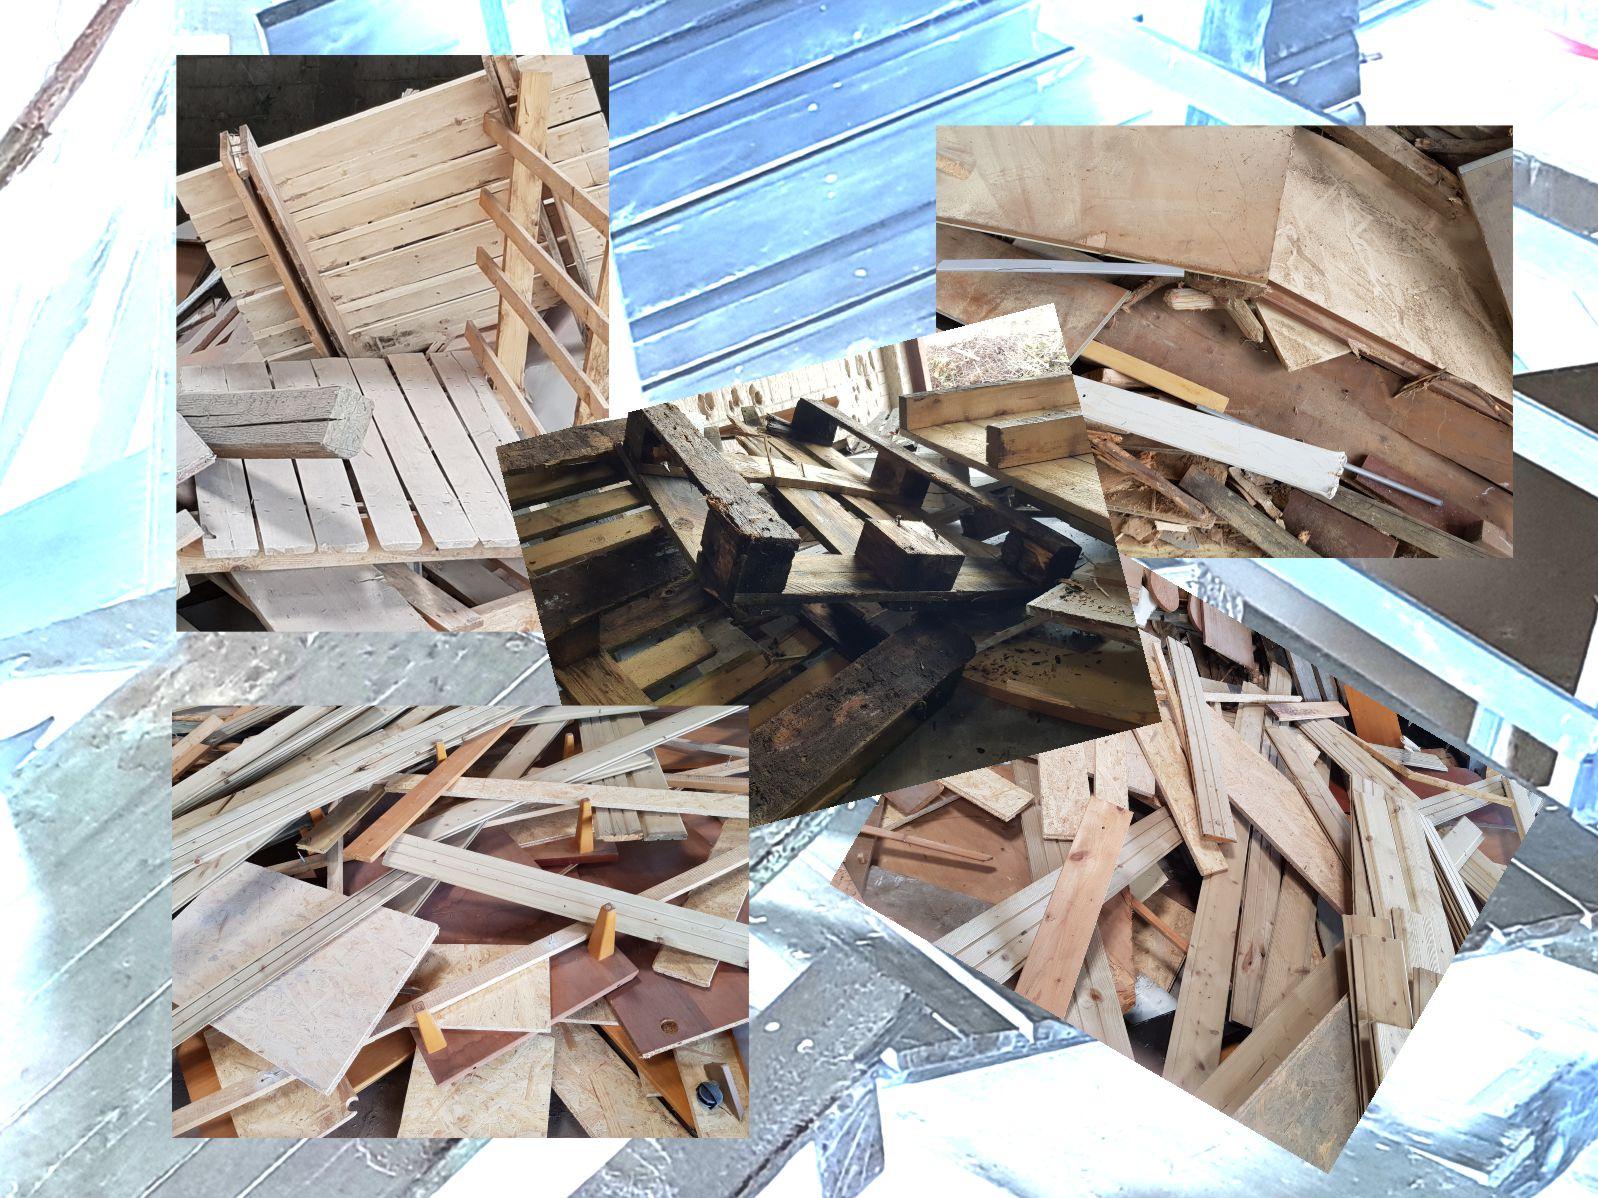 Annahme von Altholz zur Verwertung